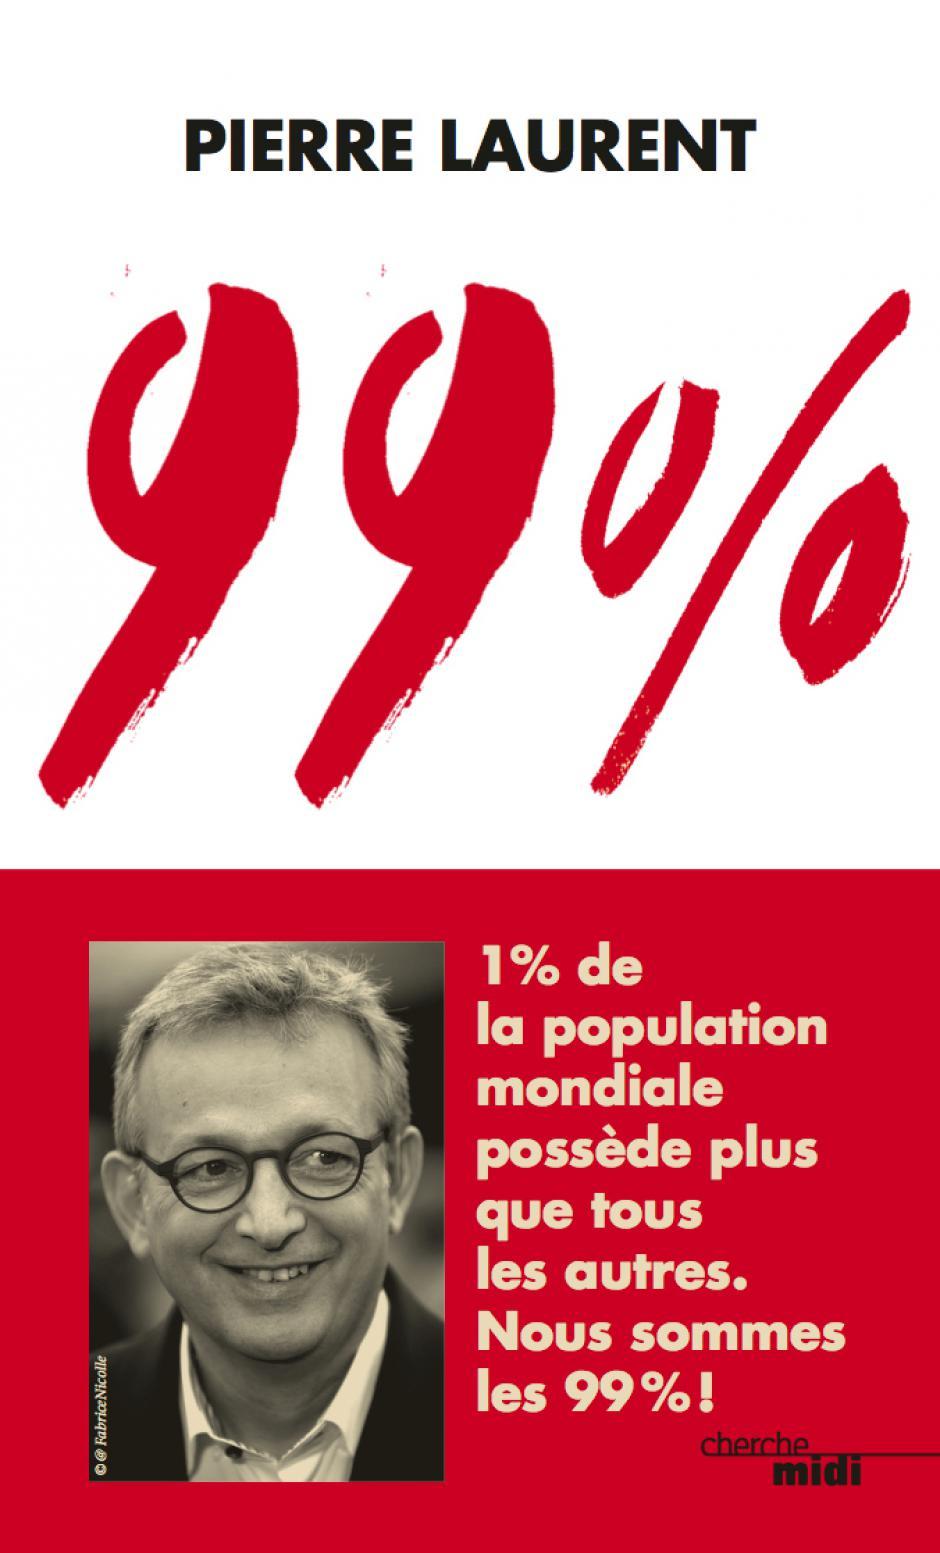 Disponible au PCF Oise : 99 %, le dernier livre de Pierre Laurent - 9,80 €